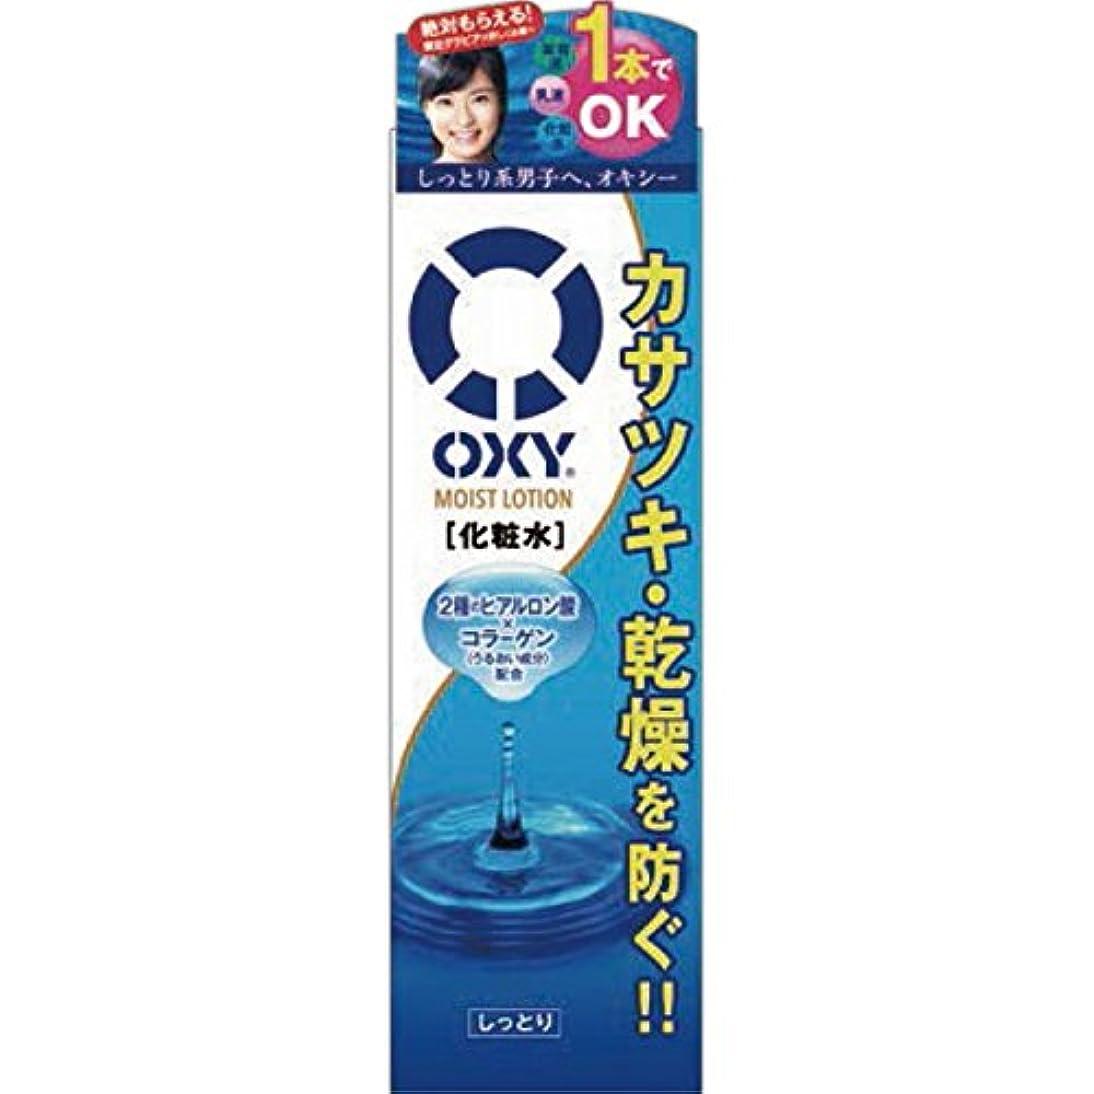 テロヘアカセットオキシー (Oxy) モイストローション オールインワン化粧水 2種のヒアルロン酸×コラーゲン配合 ゼラニウムの香 170mL